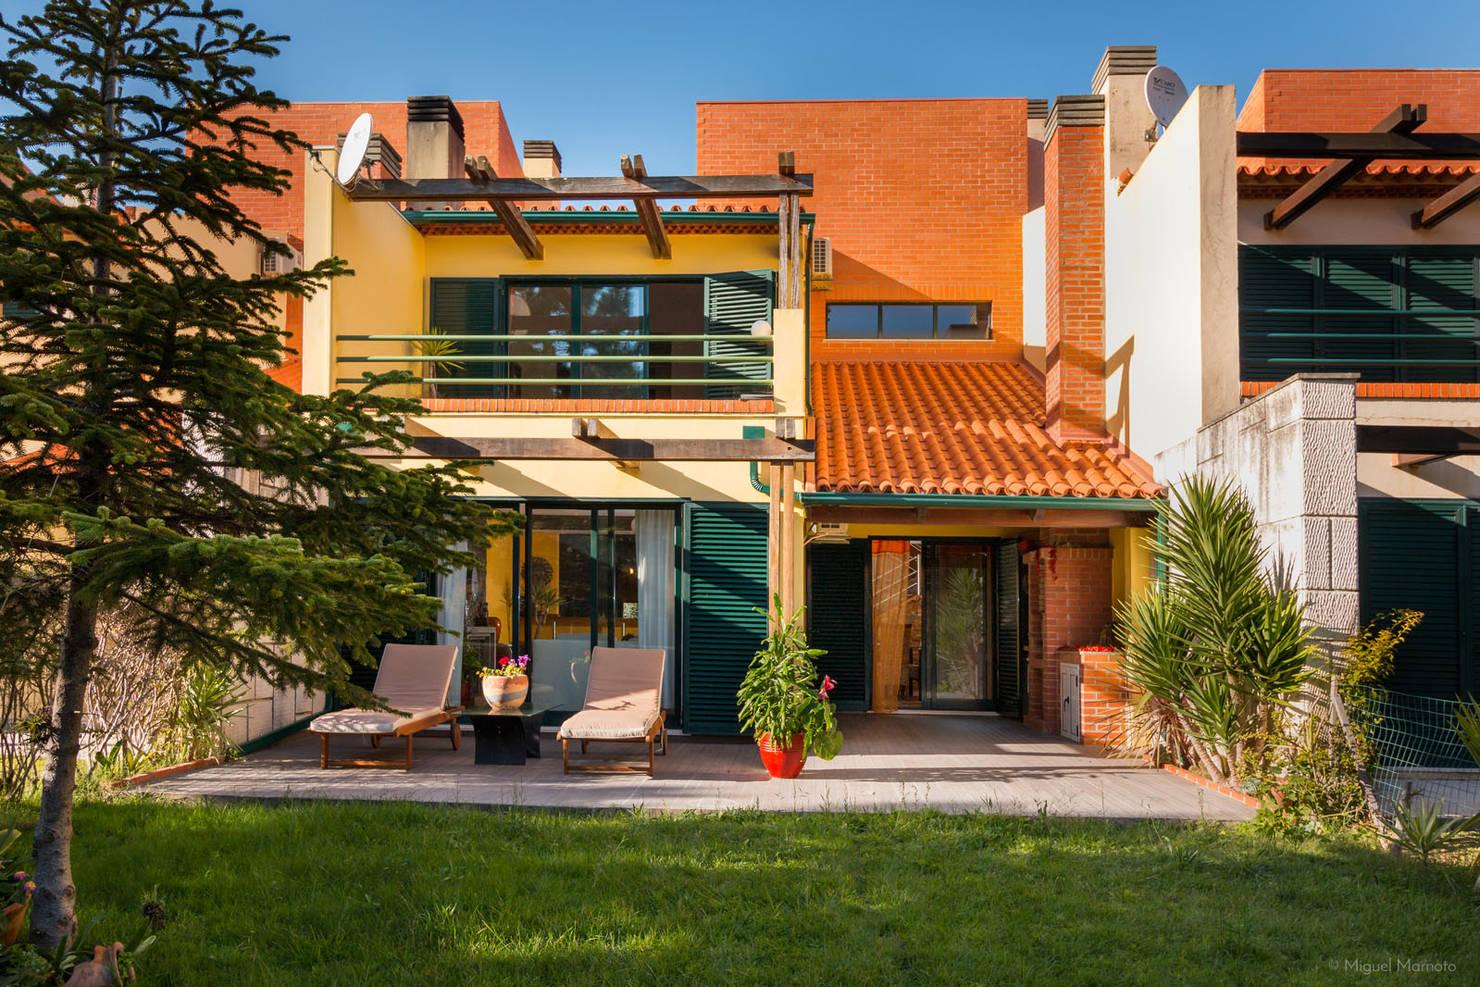 Linda casa rústica apresenta muita madeira e cores vivas